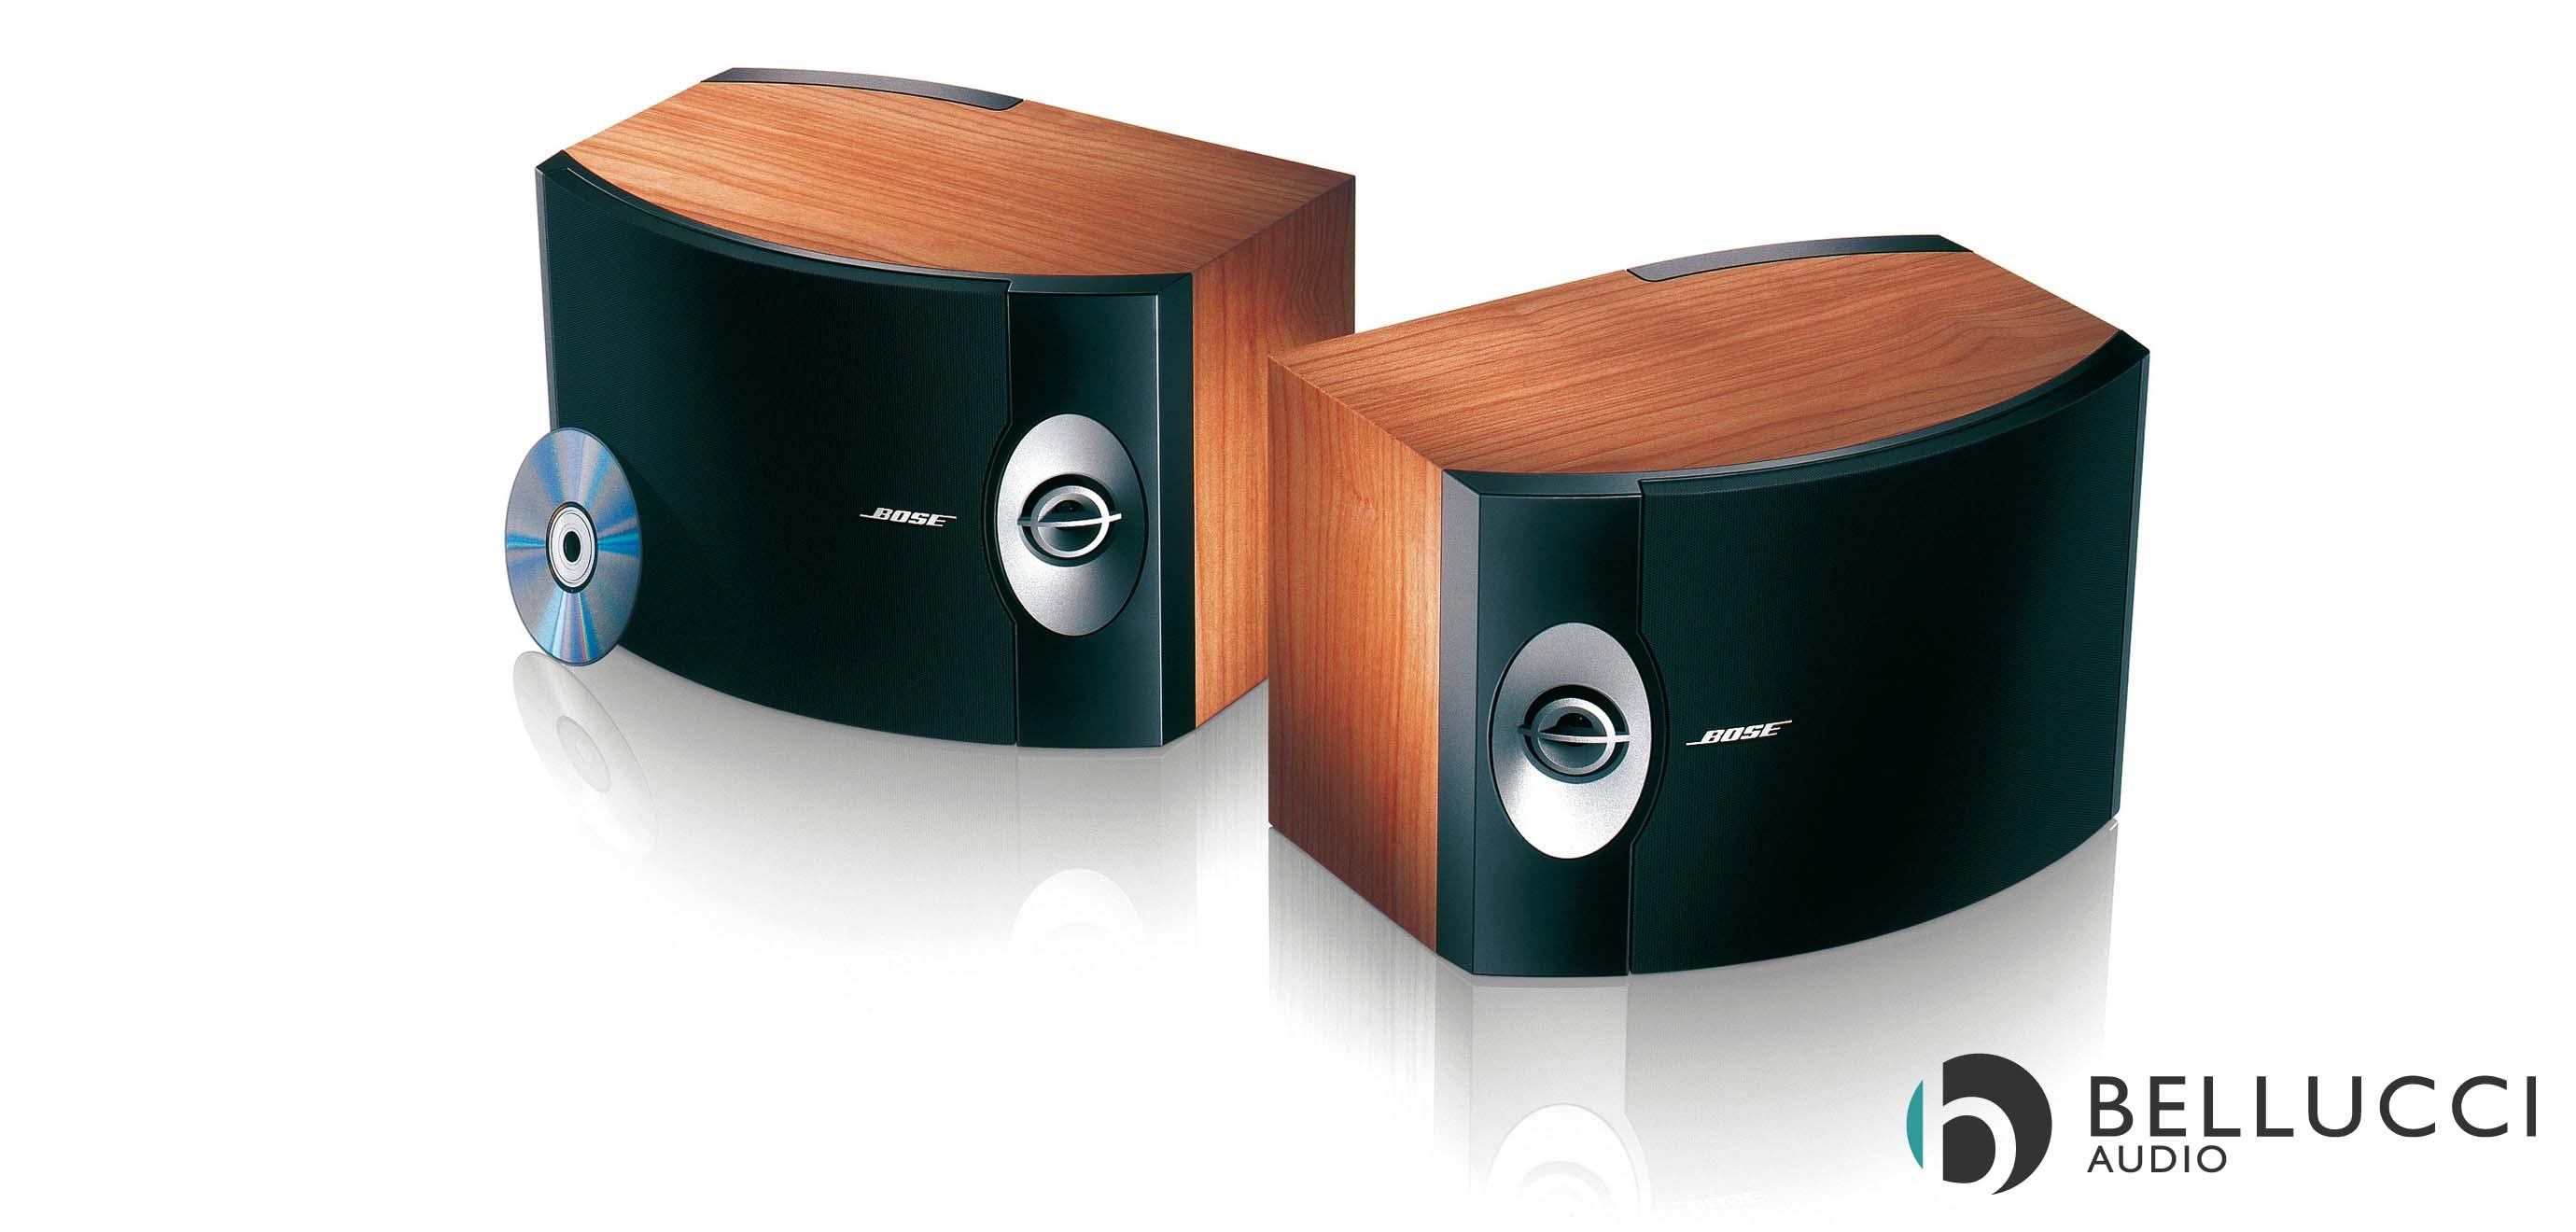 Bellucci audio bose diffusori stereo for Casse bose per tv